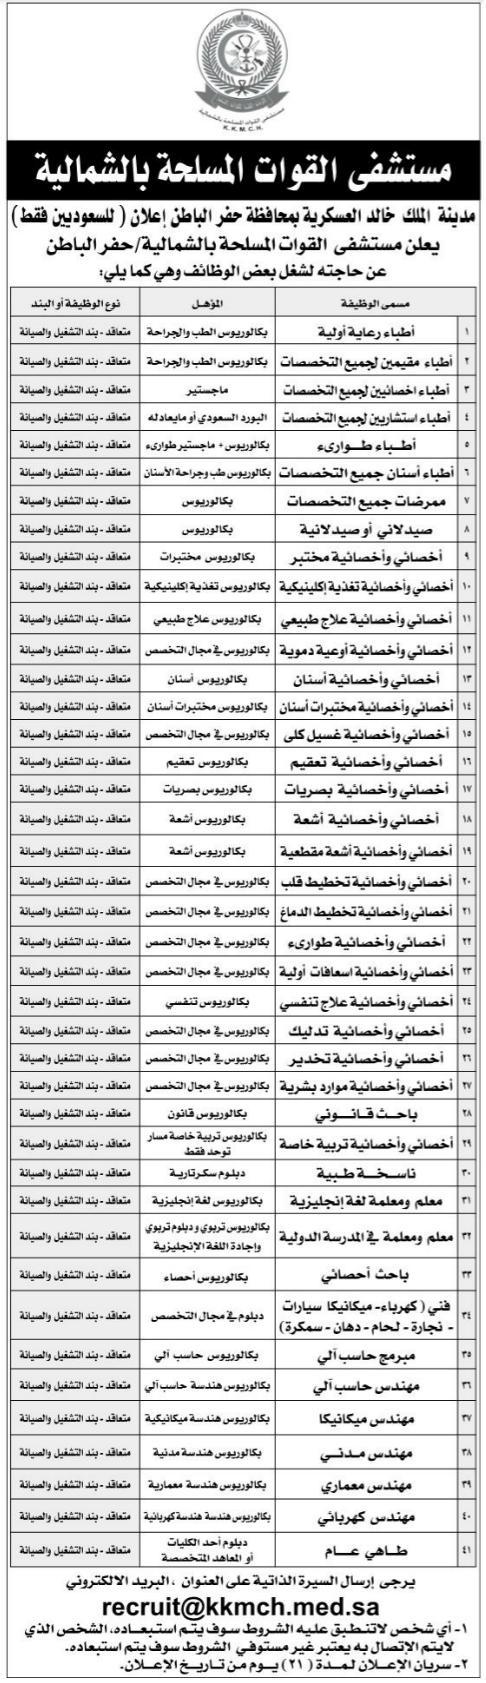 وظائف للجنسين في مستشفى الملك خالد العسكري - حفر الباطن